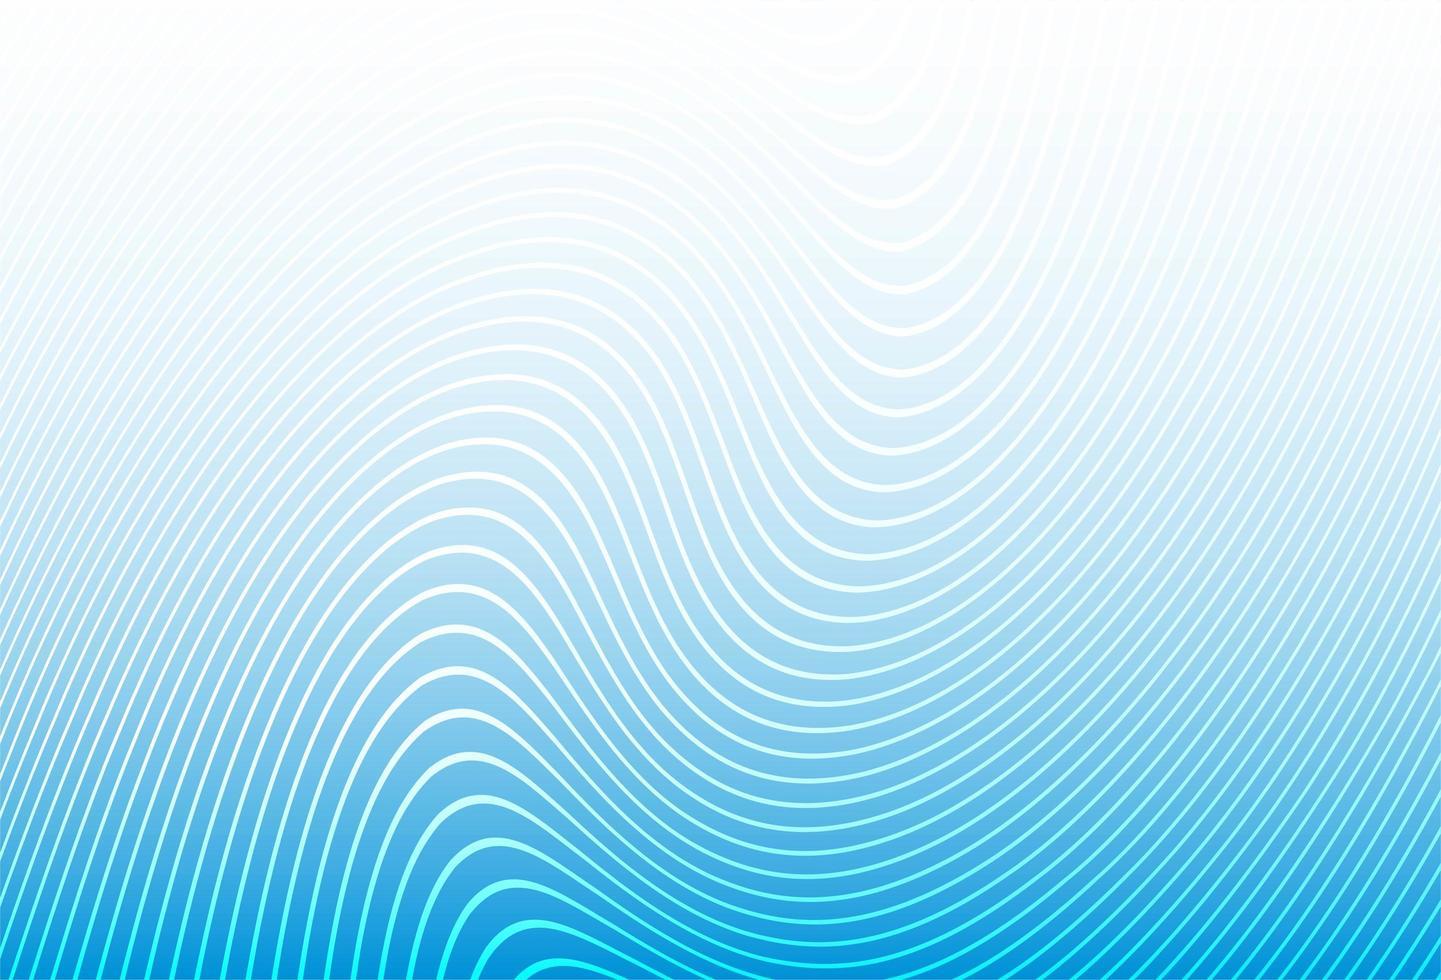 Fondo moderno de ondas azules vector